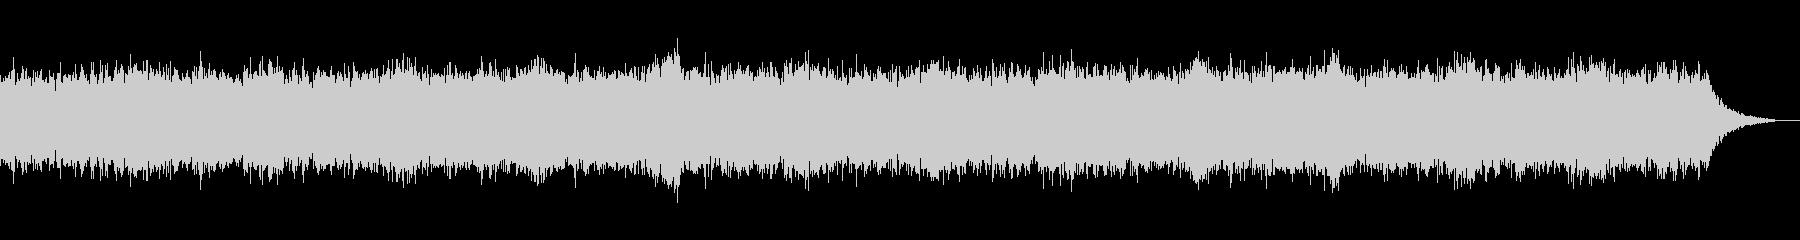 ヒーリング ディープ1の未再生の波形